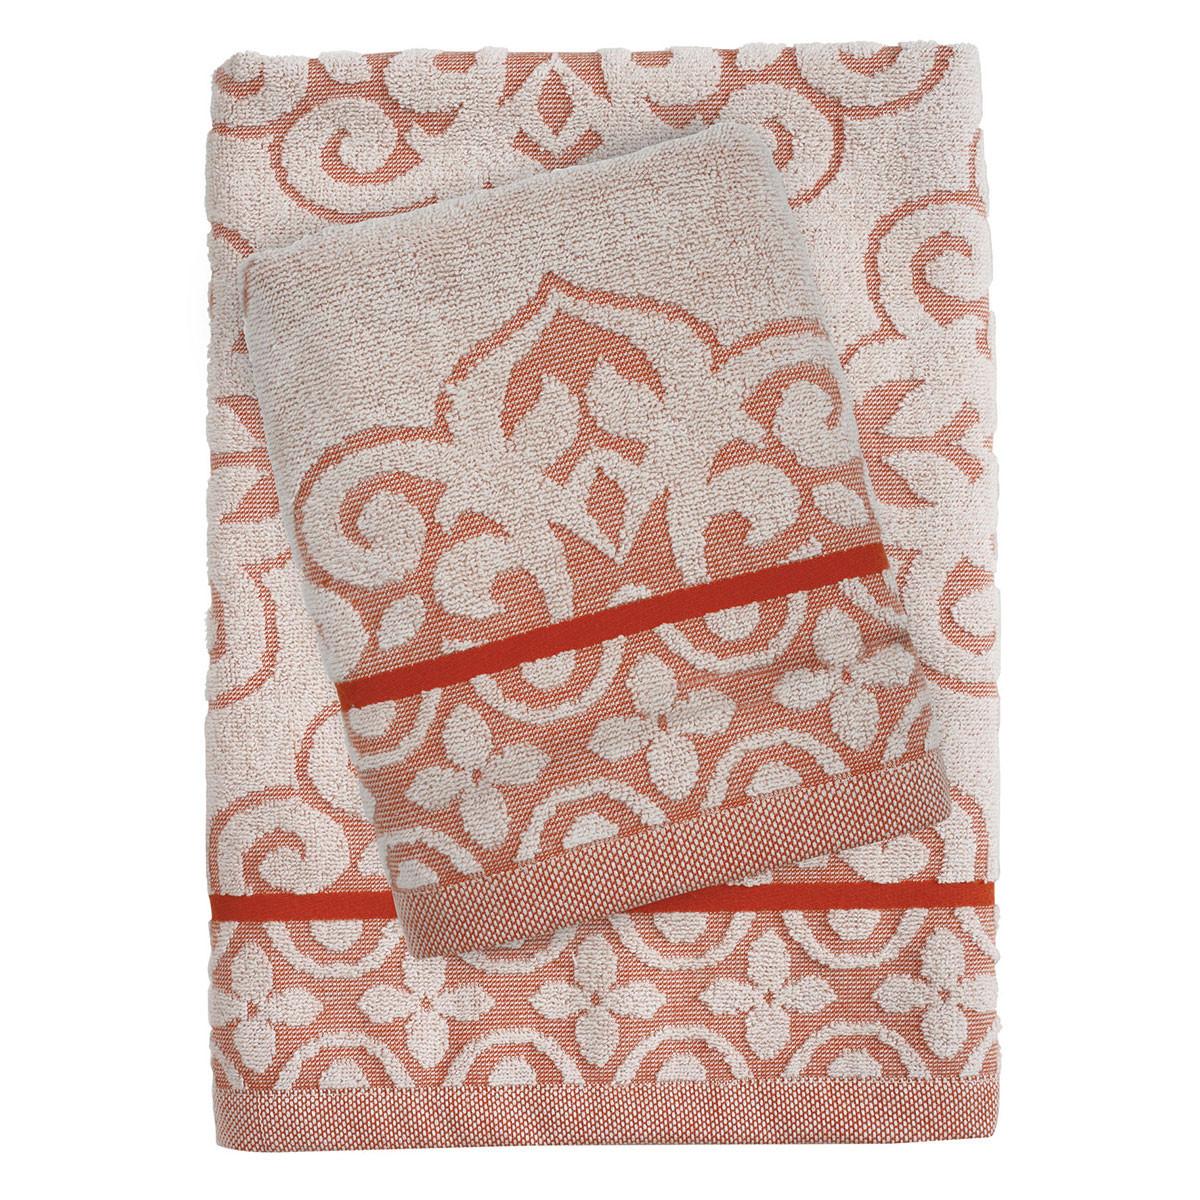 Πετσέτες Μπάνιου (Σετ 3τμχ) Das Home Happy 373